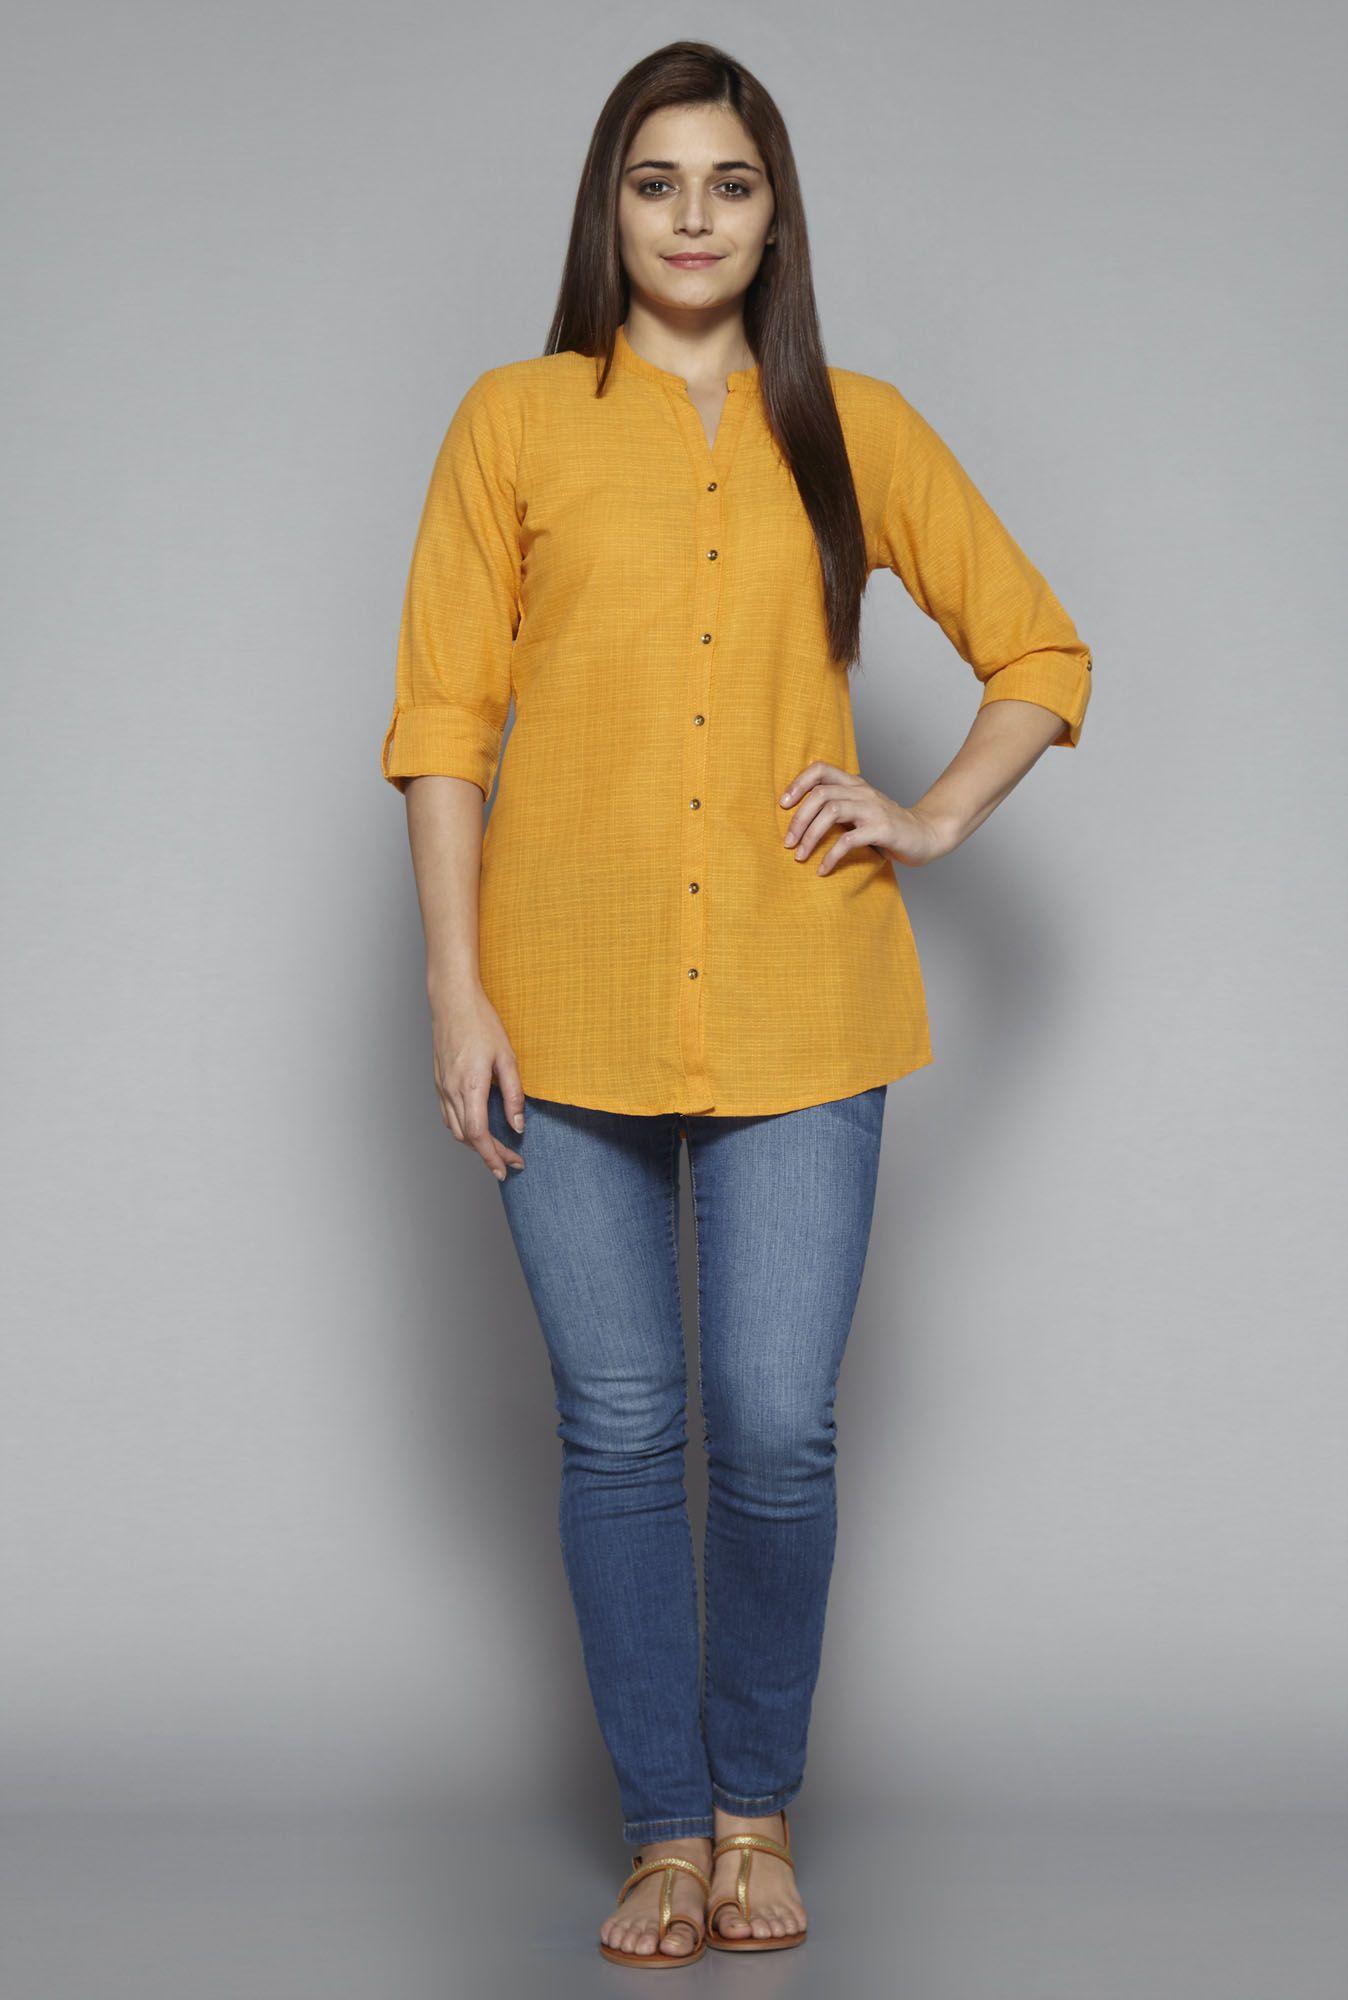 016a45ff2e7 Utsa by Westside Yellow Solid Kurti Neck Patterns For Kurtis